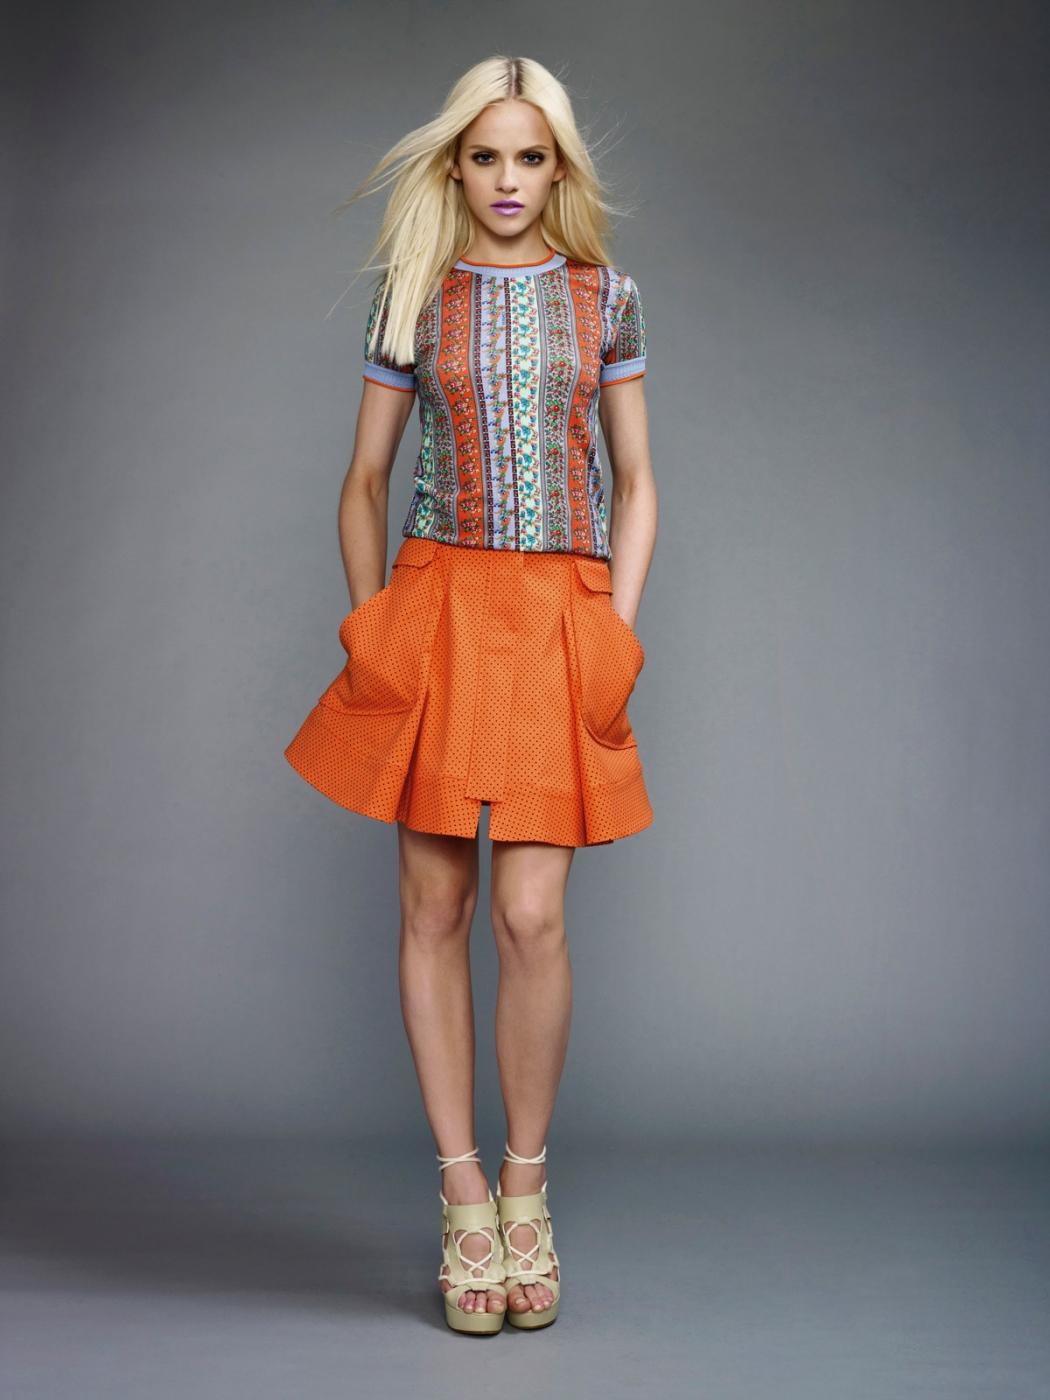 Метки. весна/ лето 2011. лукбук. каталог модной одежды 2011.